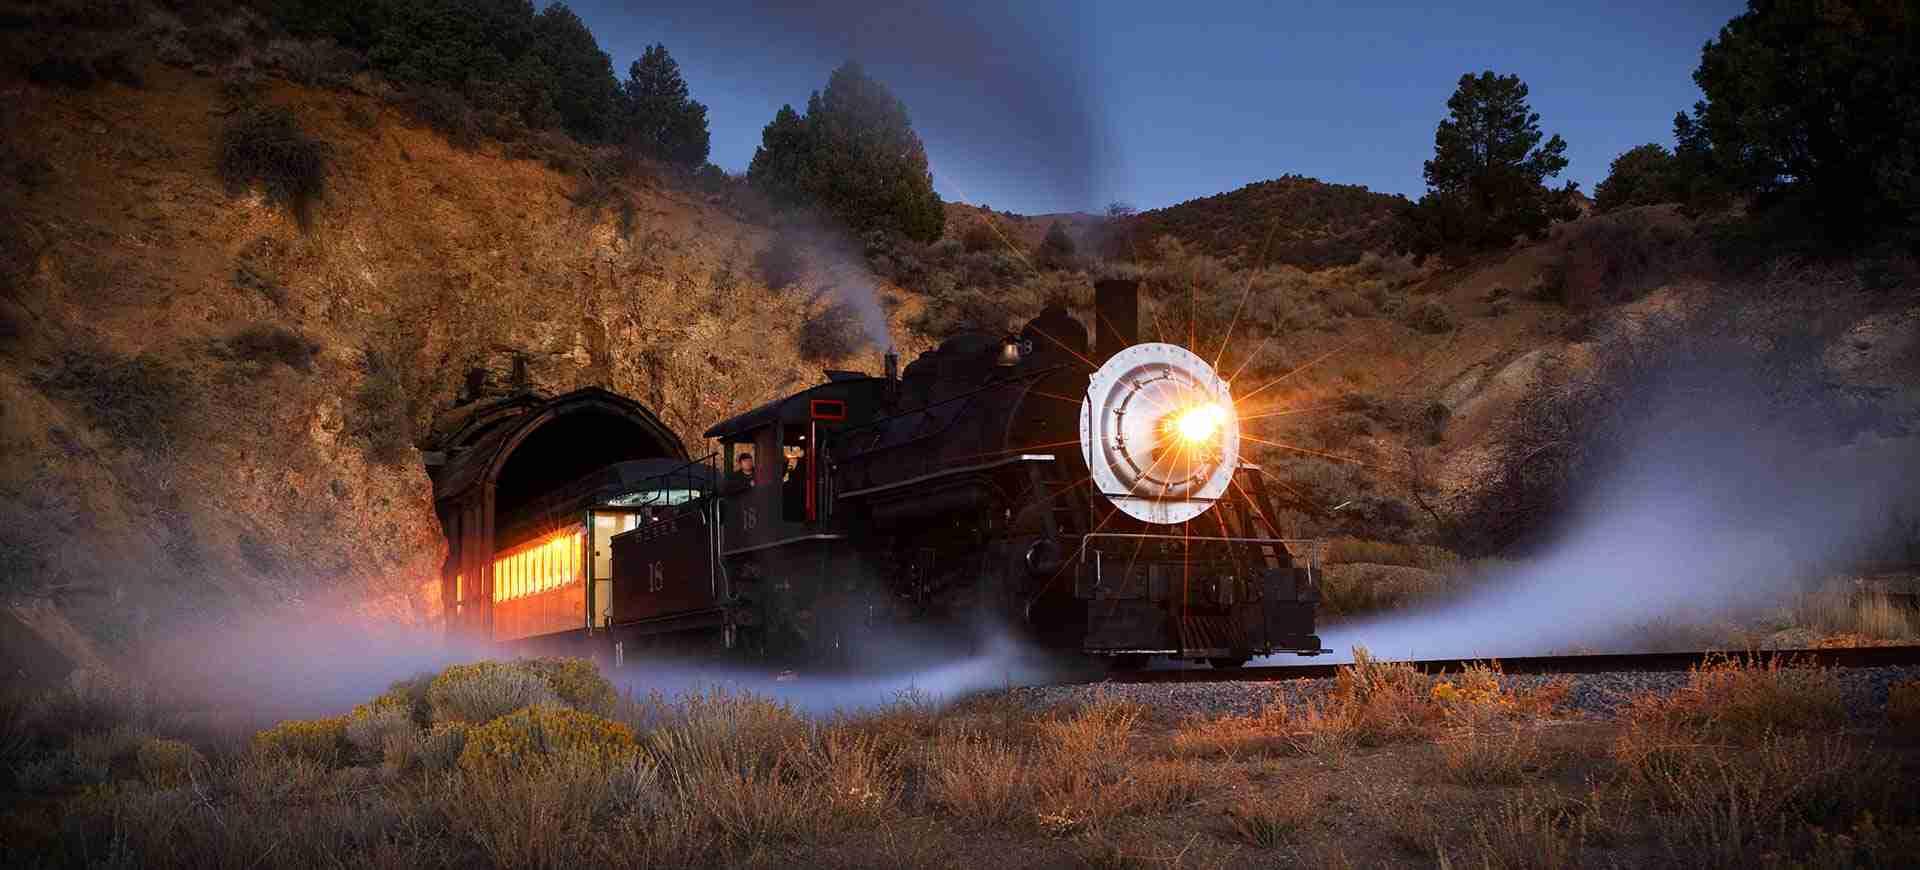 vt-railroad-dt